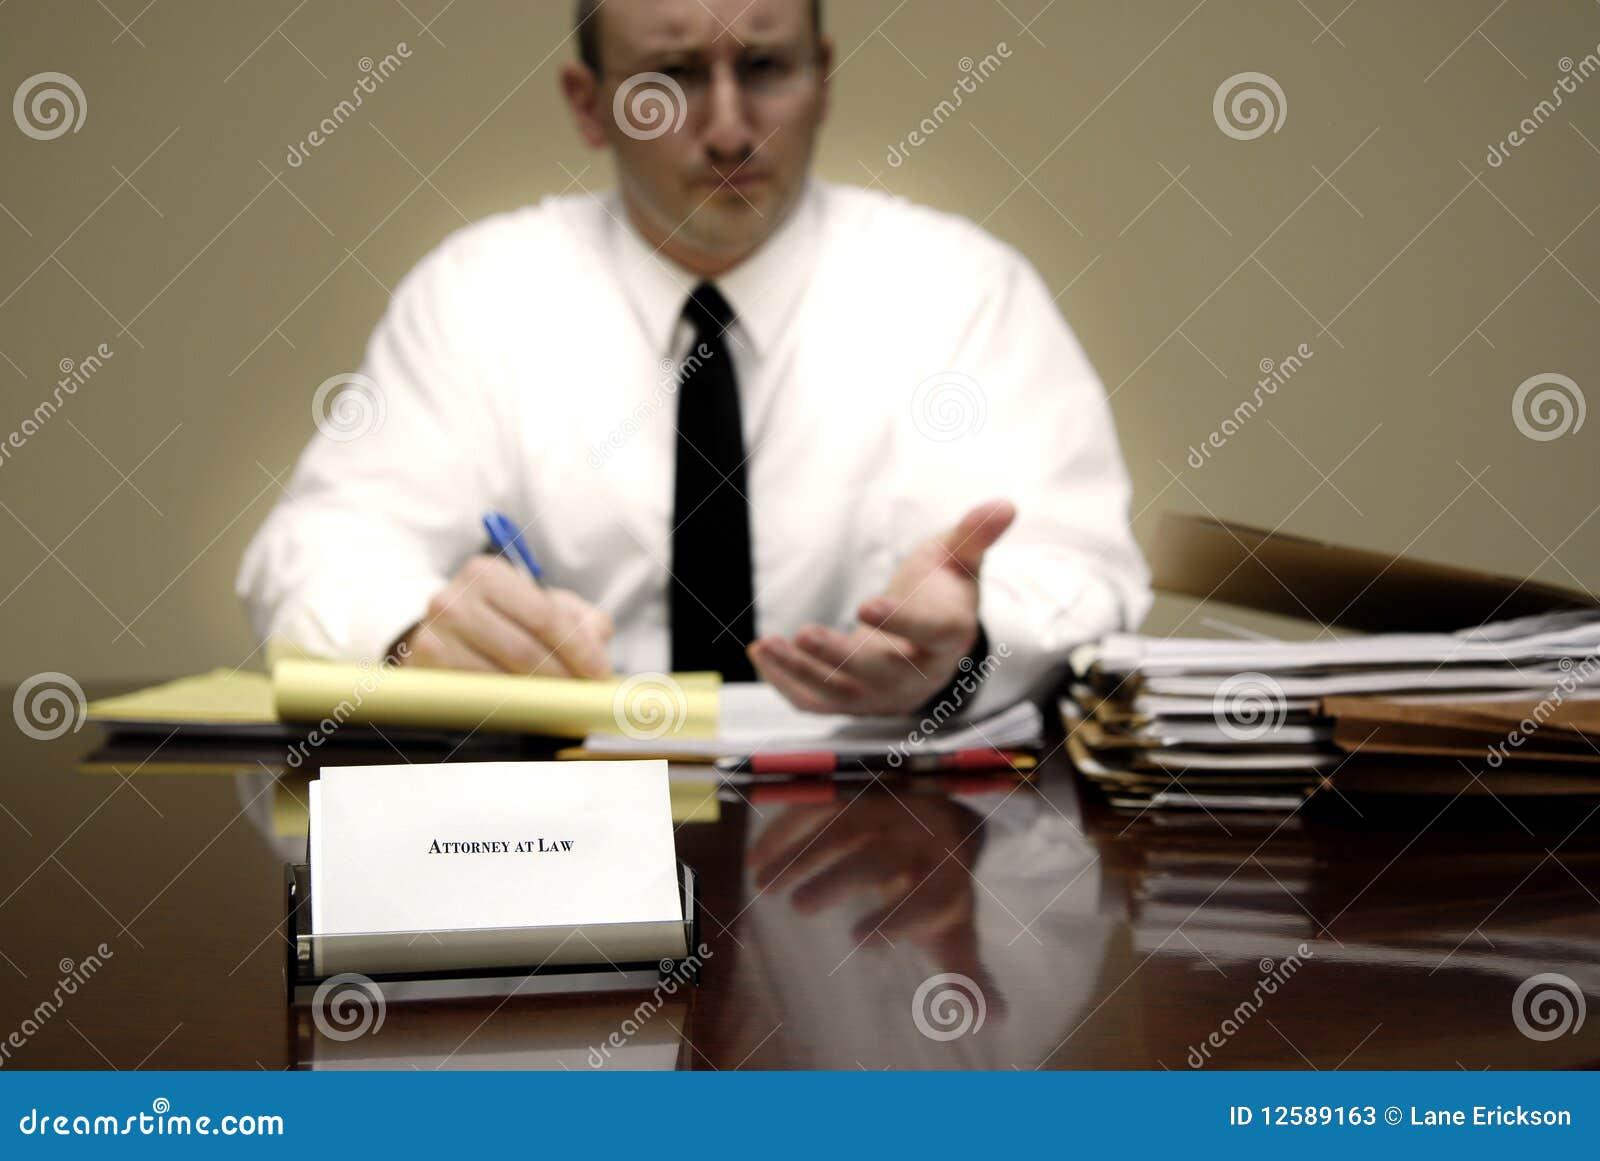 Abogado en el escritorio fotos de archivo imagen 12589163 for Escritorio de abogado